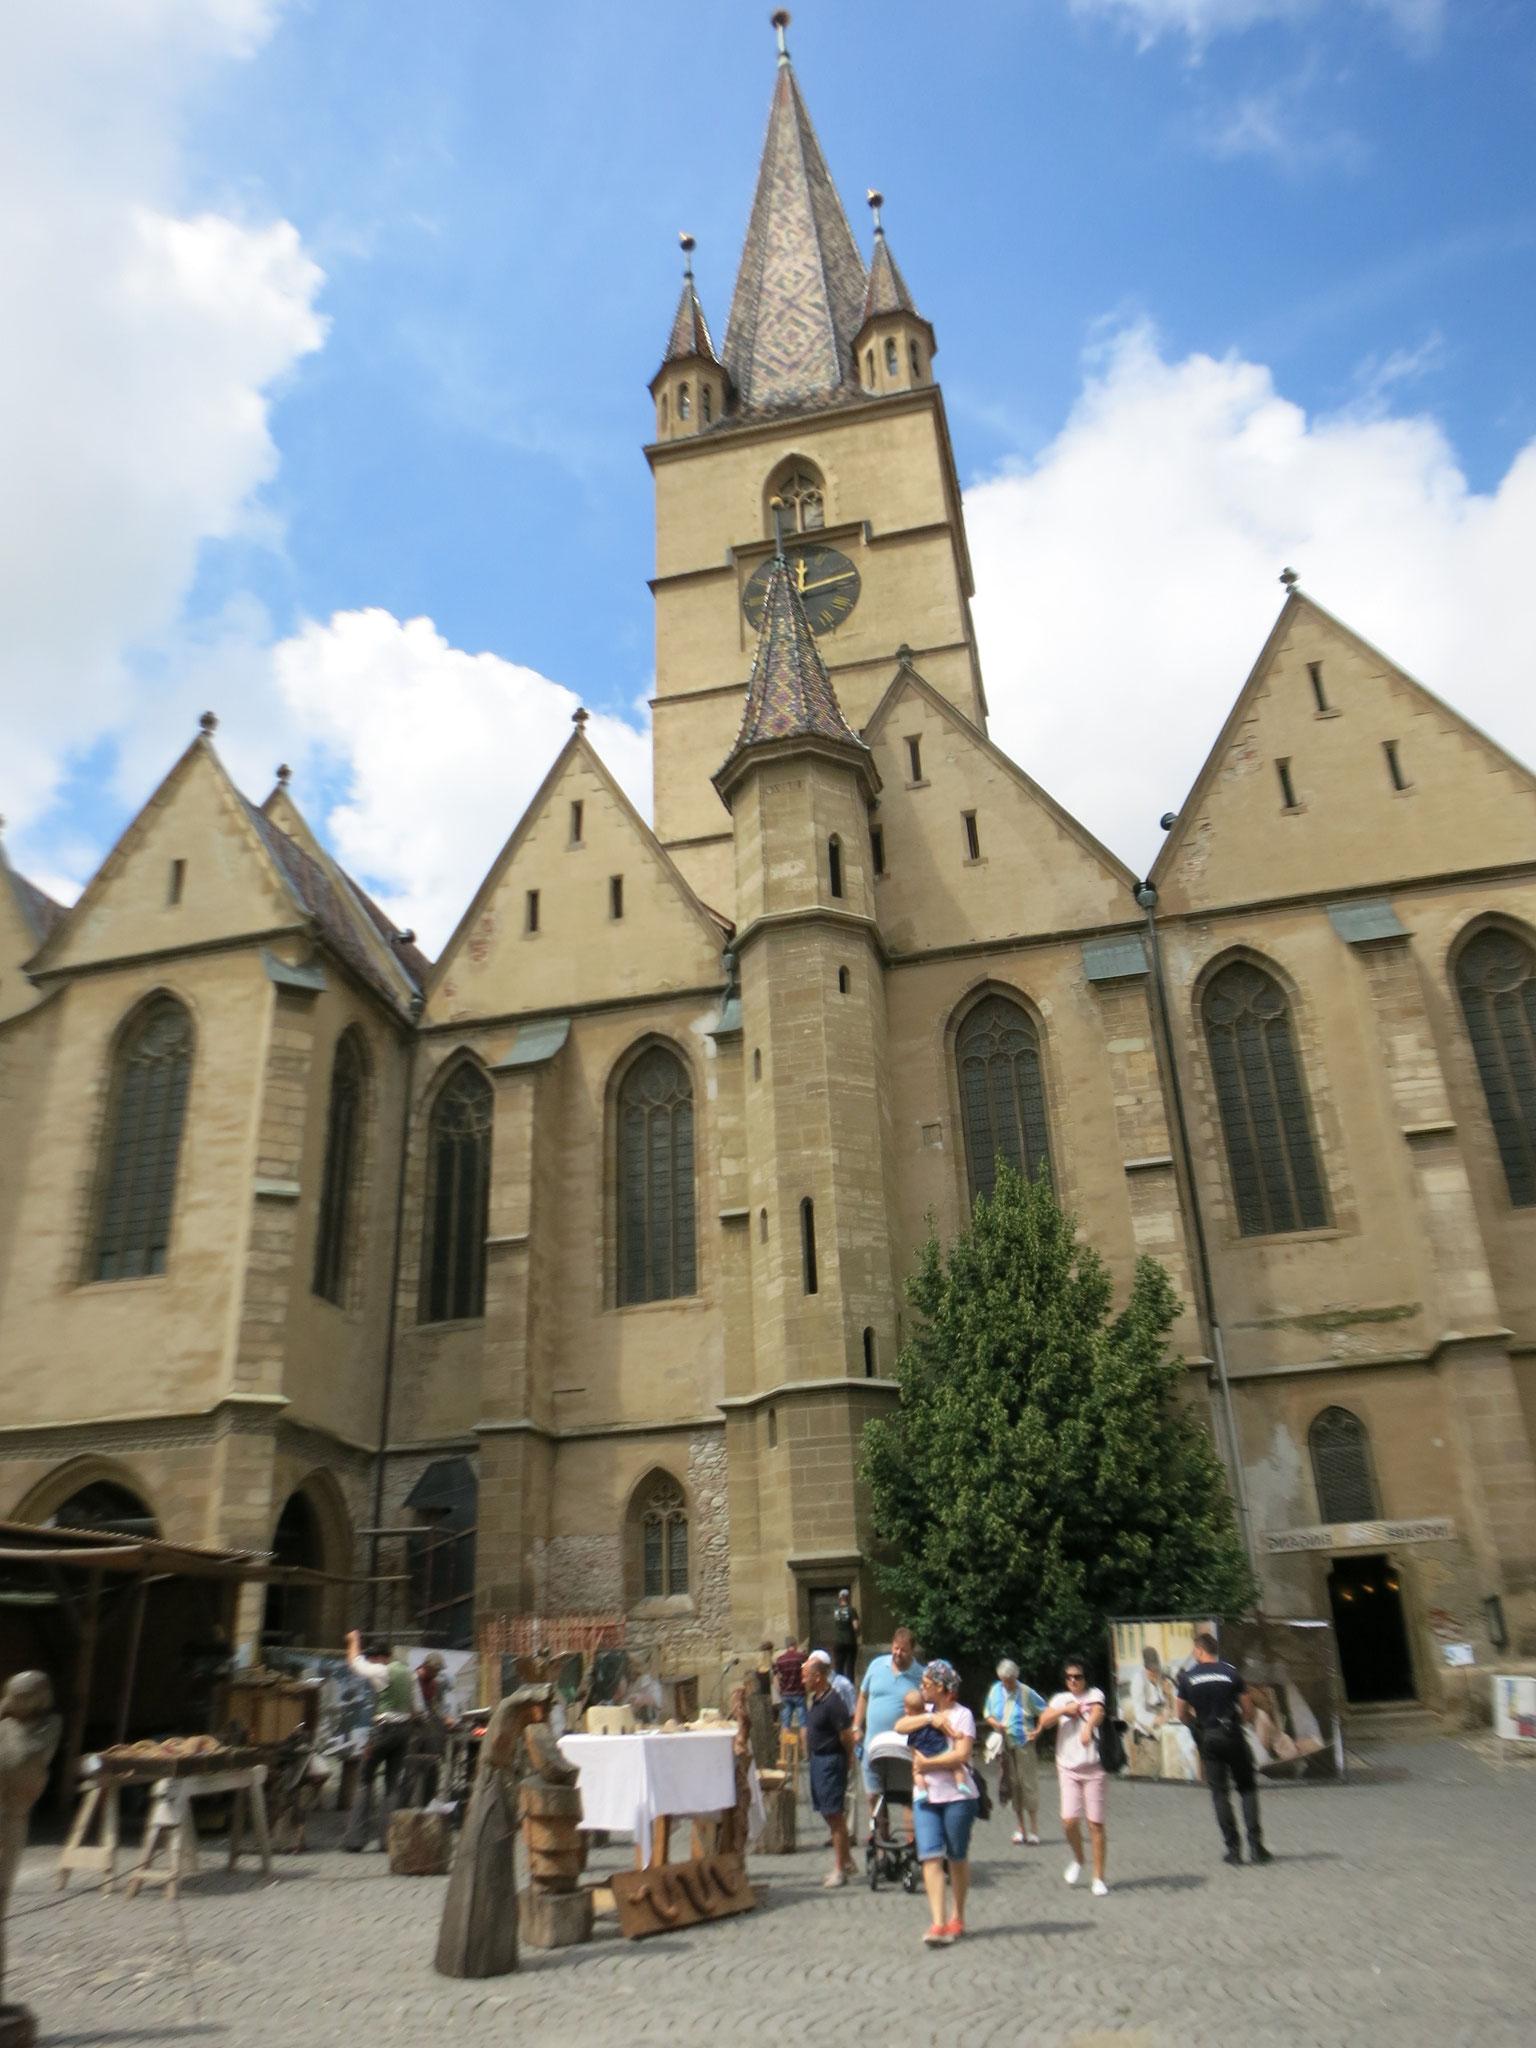 trabajan al lado de la catedral